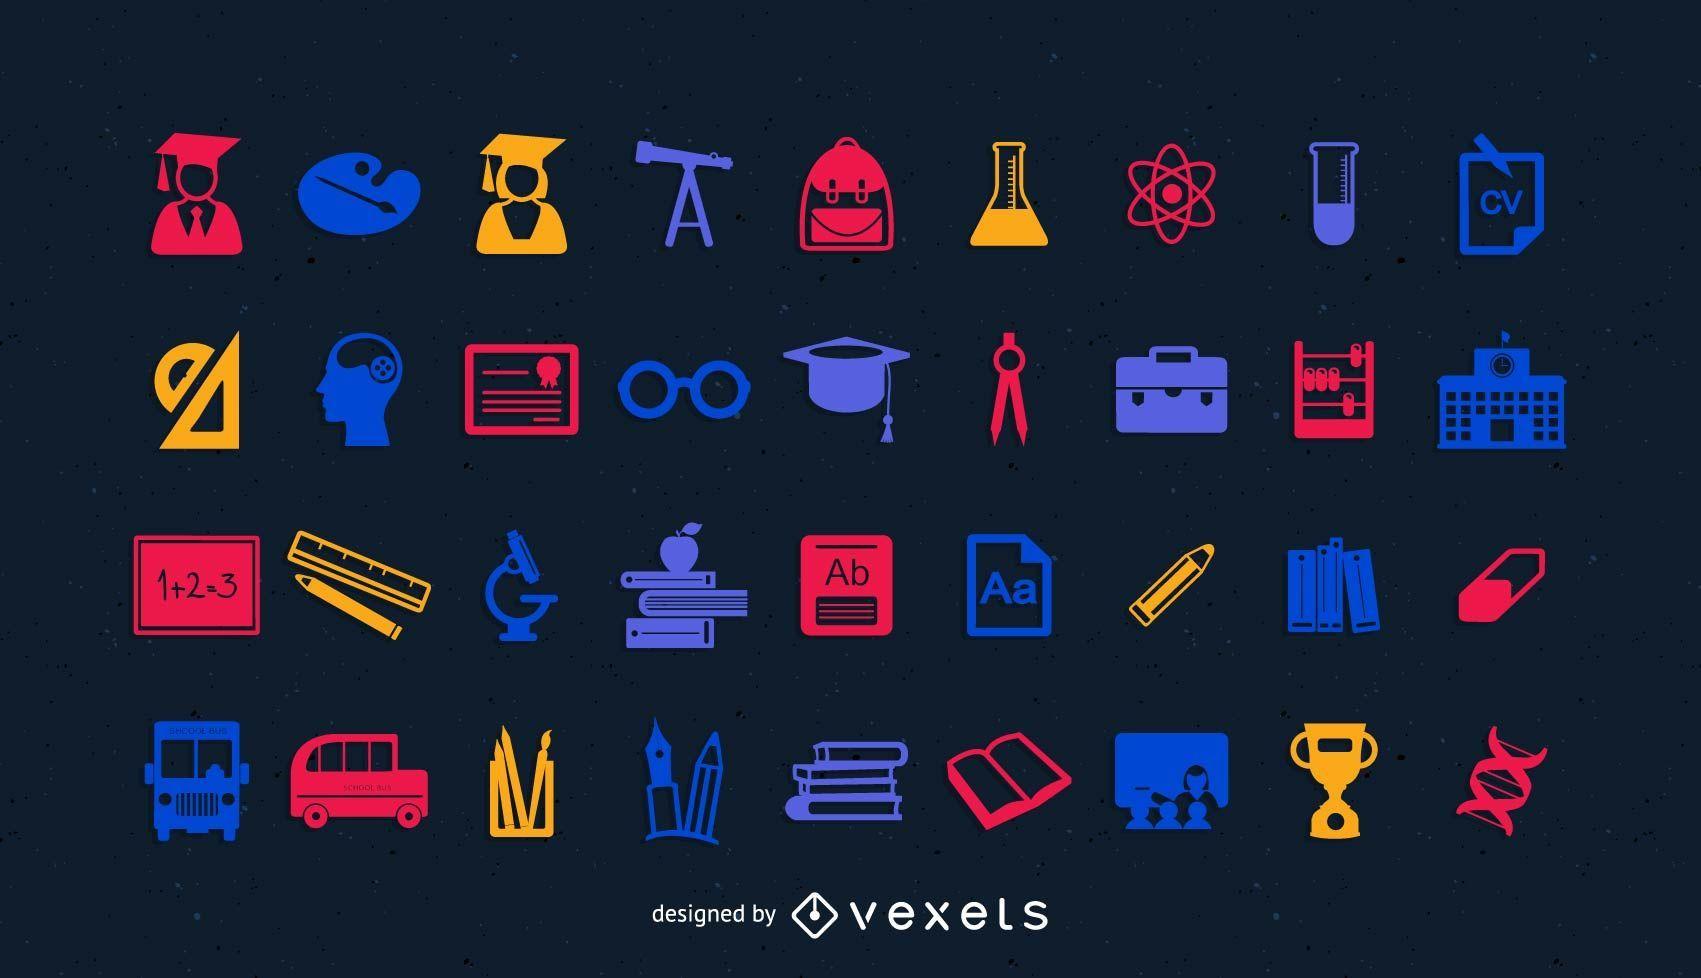 Icon Pack für Bildung und Wissenschaft